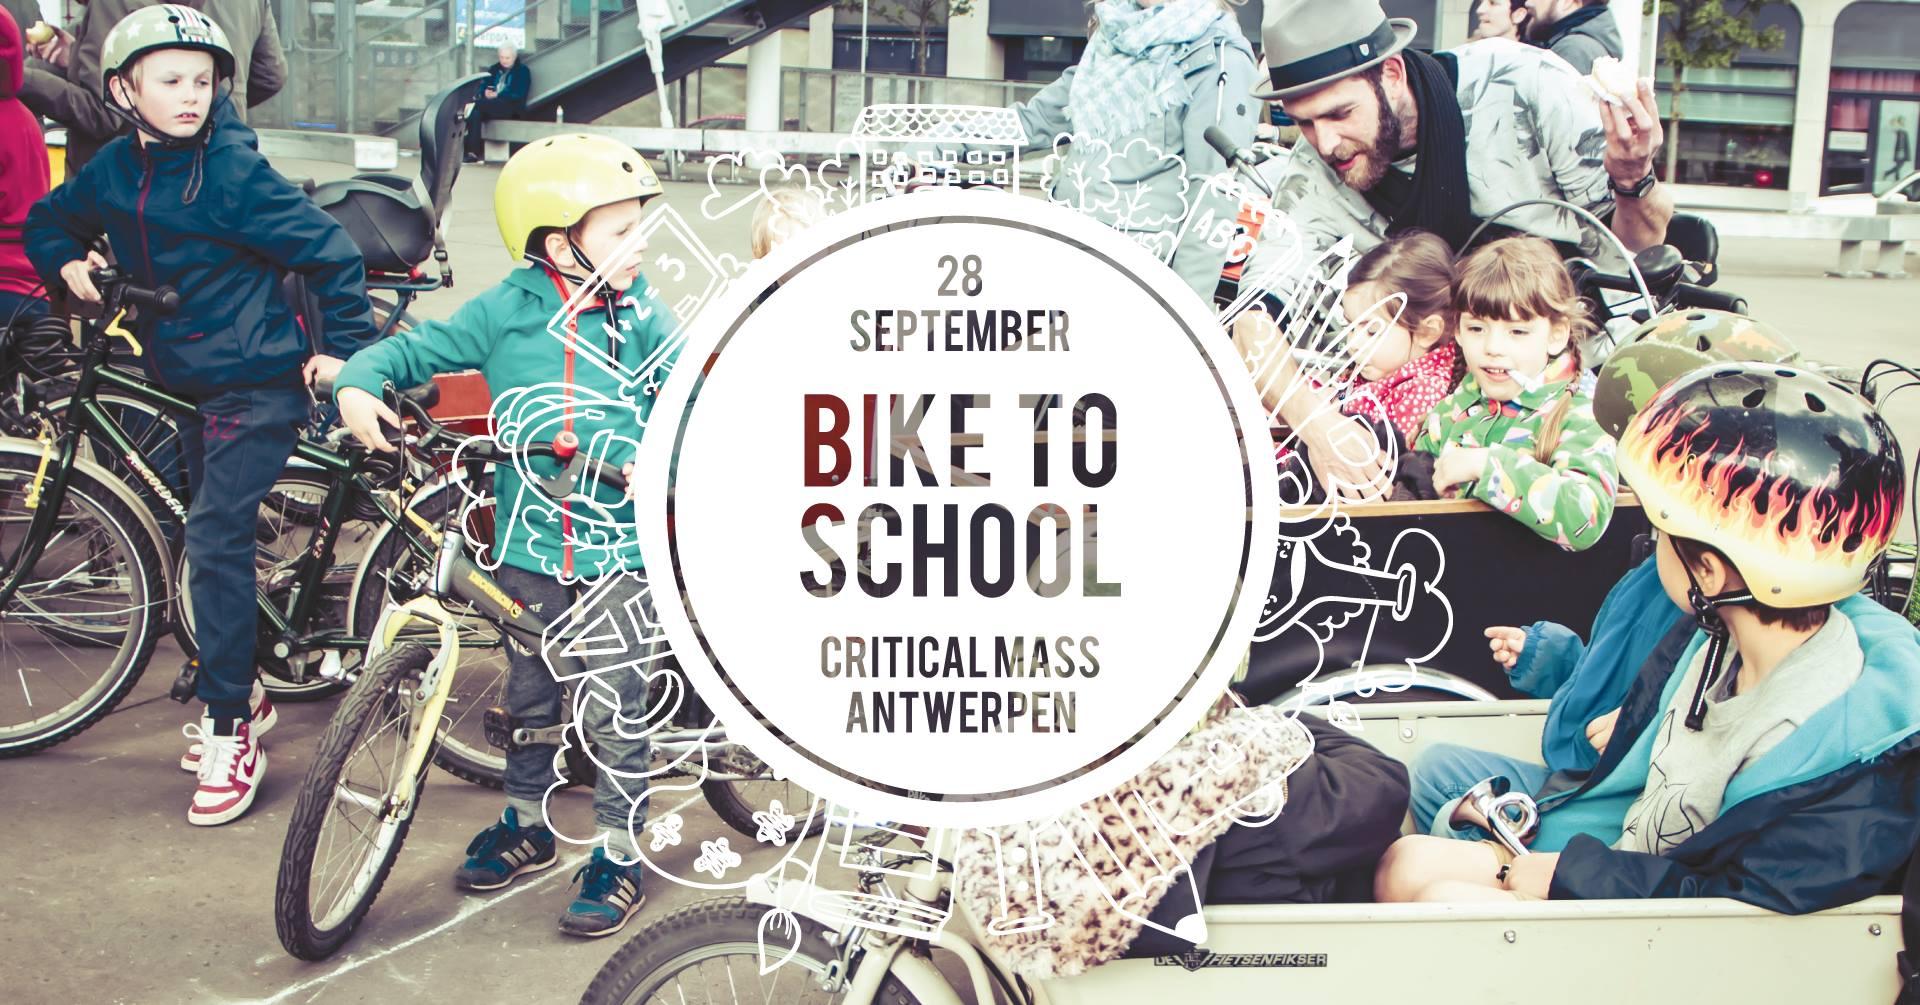 MOBILITEIT   Kom vaker met de fiets naar school   Een initiatief van CriticalMass Antwerpen